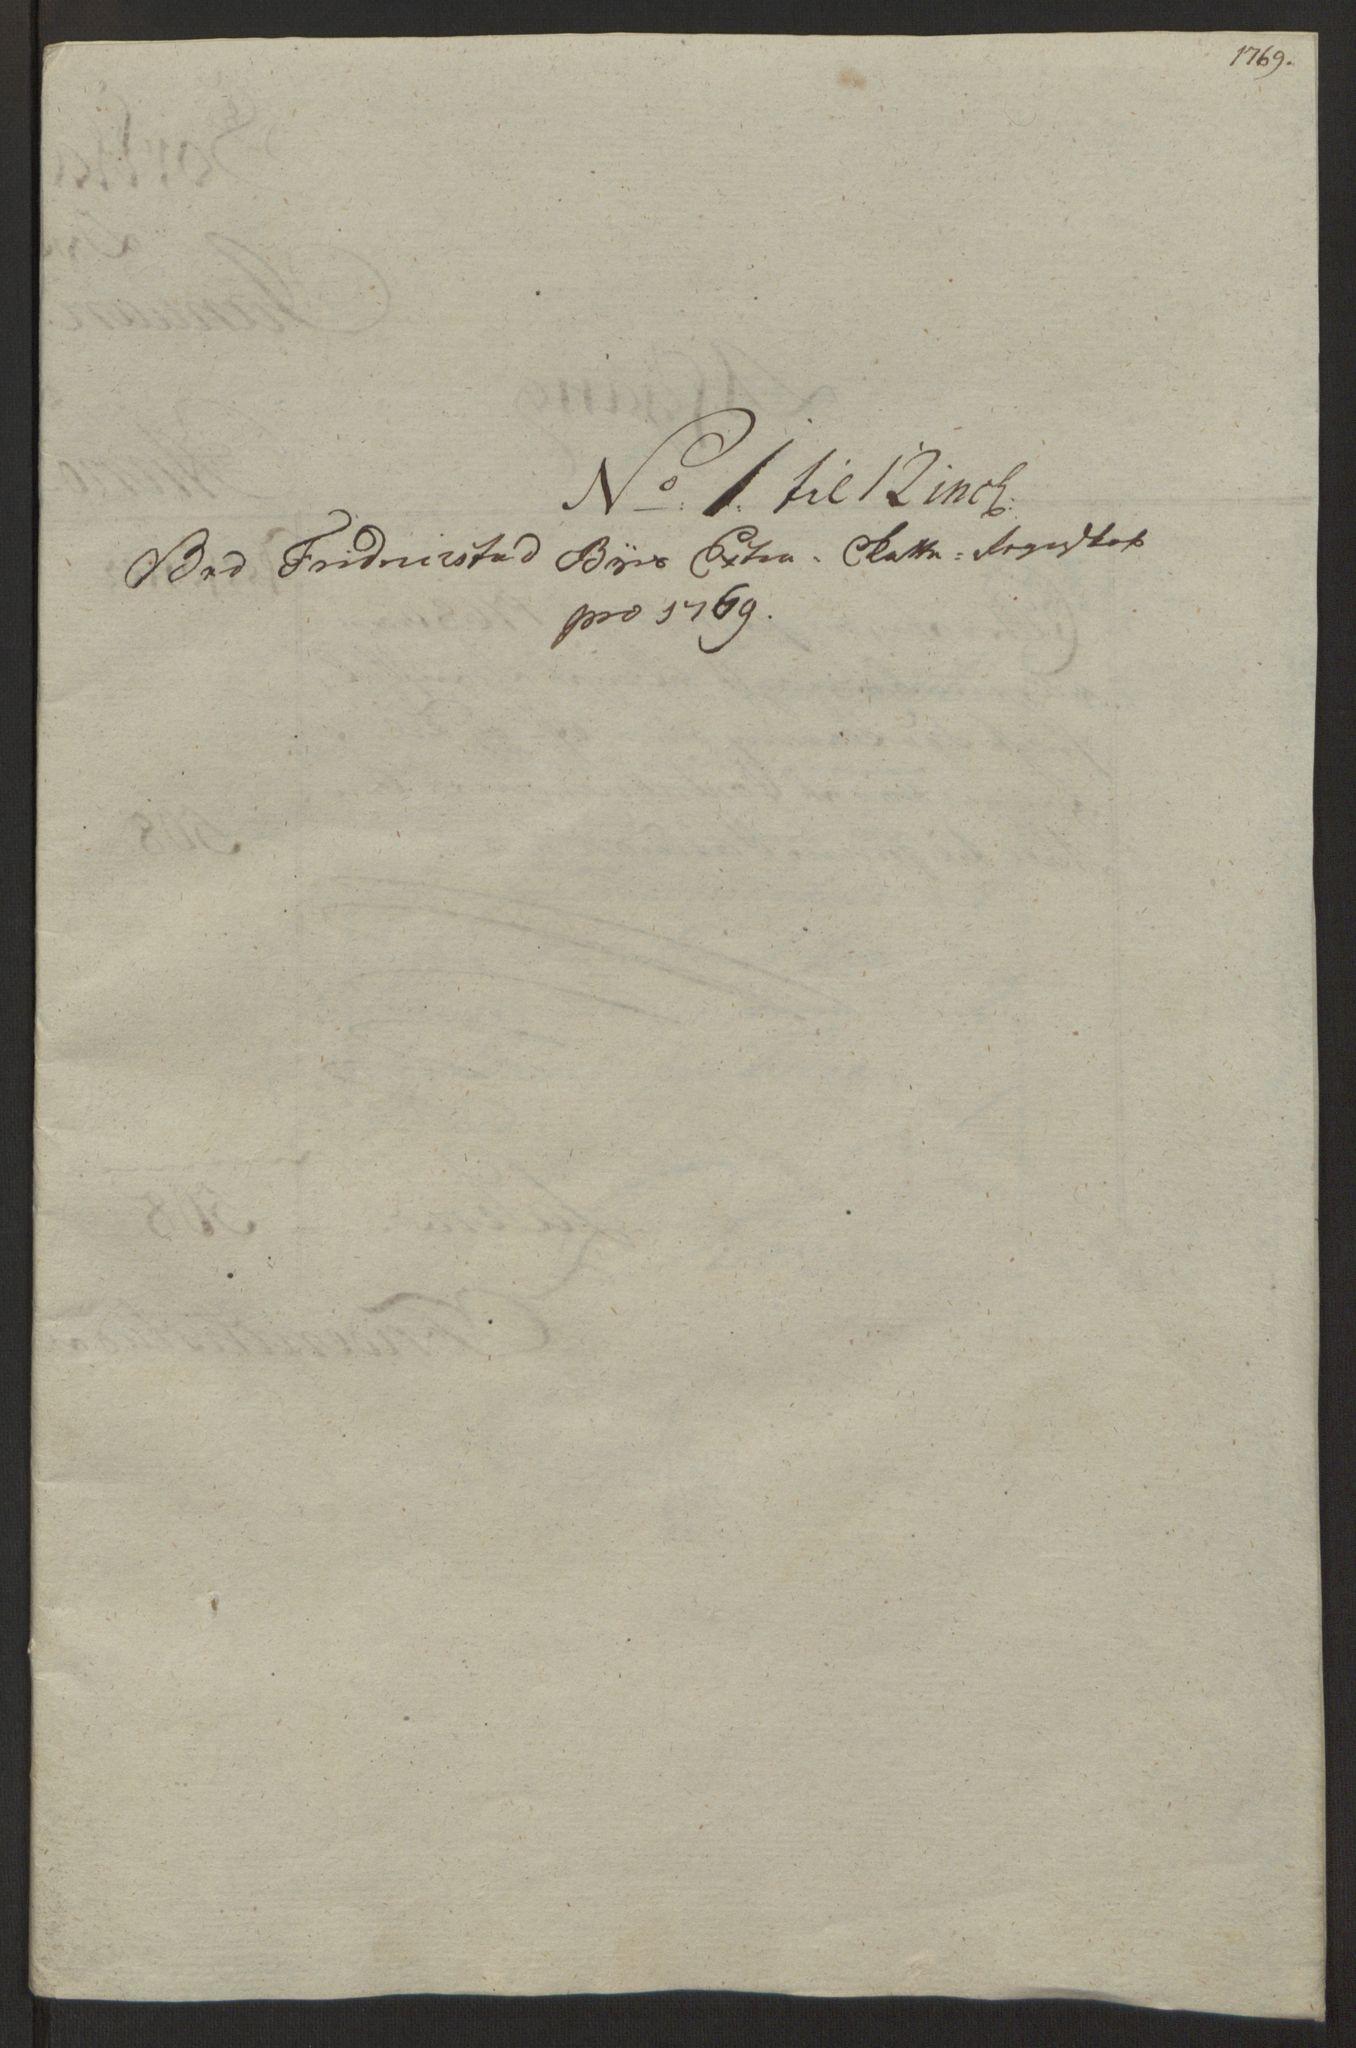 RA, Rentekammeret inntil 1814, Reviderte regnskaper, Byregnskaper, R/Rb/L0029: [B3] Kontribusjonsregnskap, 1762-1772, s. 310